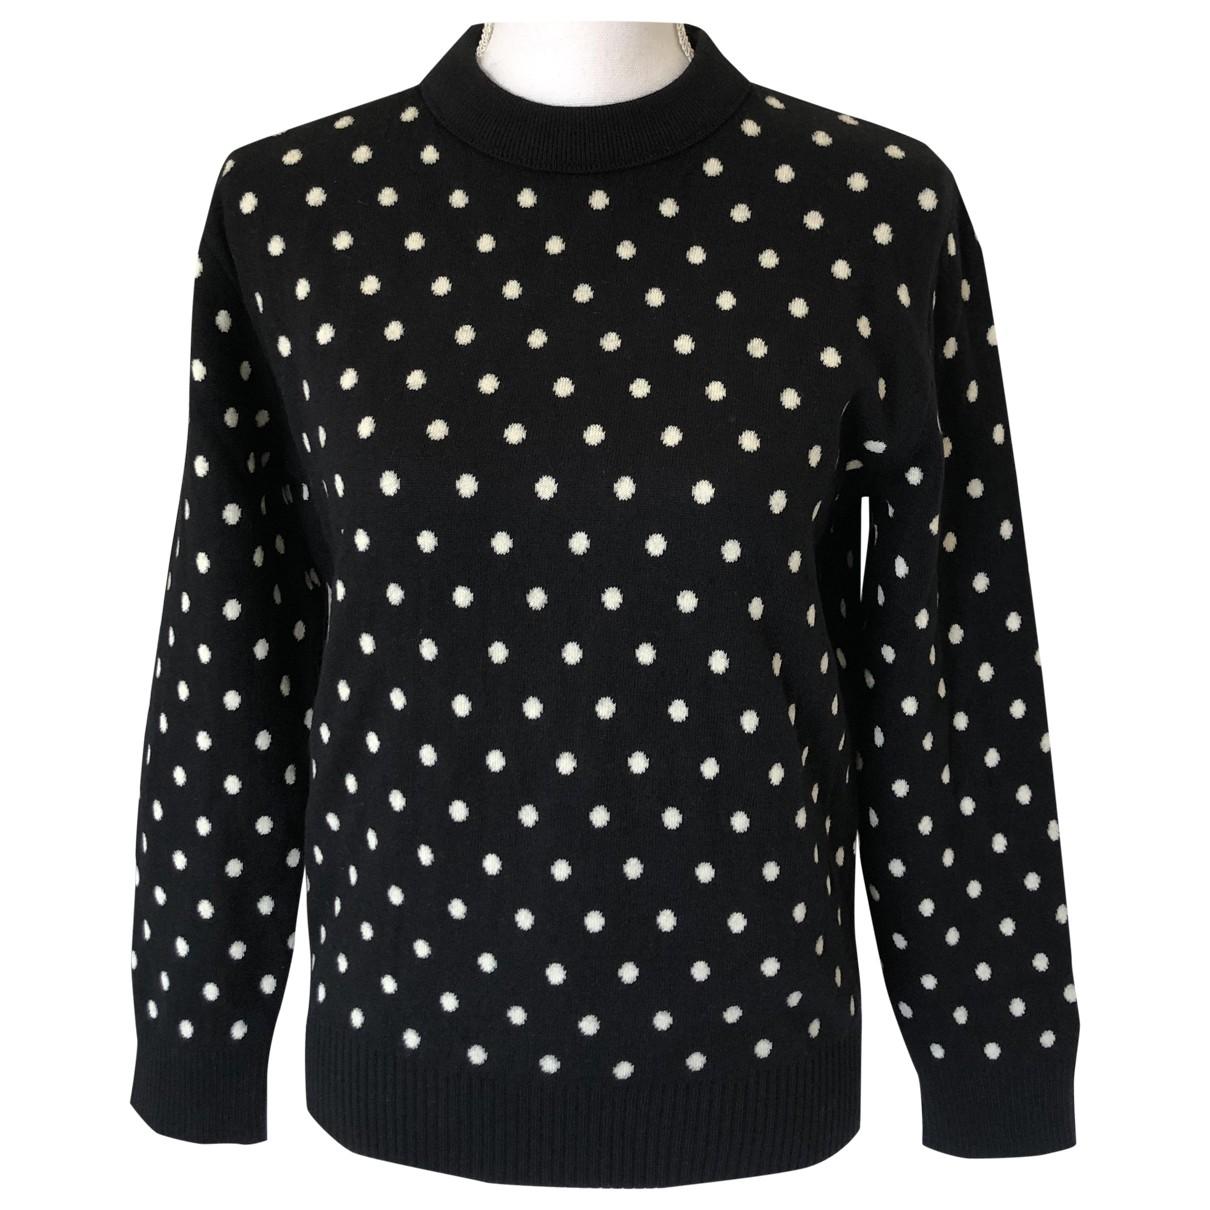 Celine \N Black Wool Knitwear for Women S International